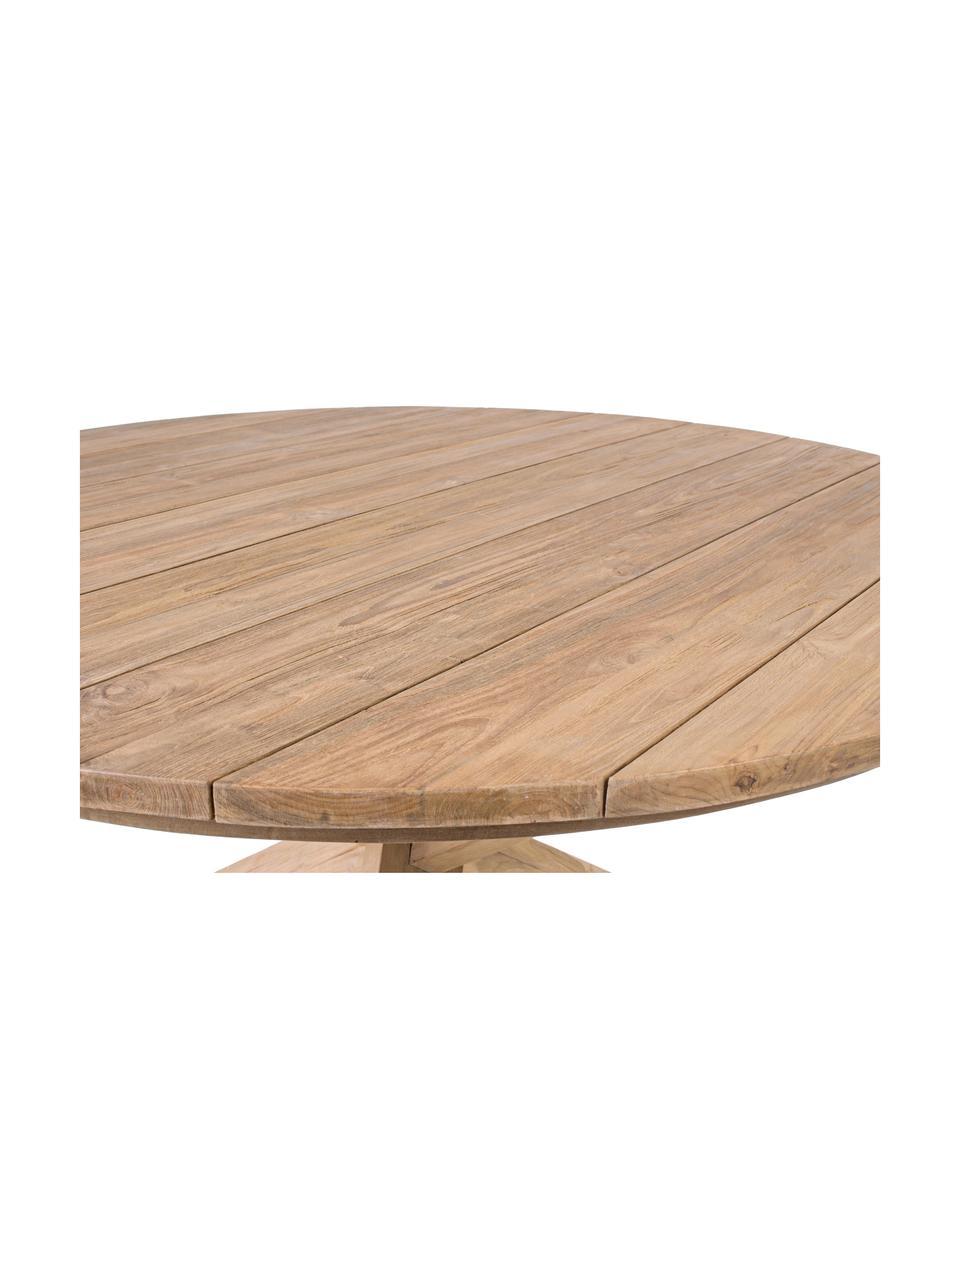 Tavolo da pranzo in legno massiccio Rift, Legno di teak, riciclato e certificato FSC, Teak riciclato, Ø 135 x Alt. 76 cm